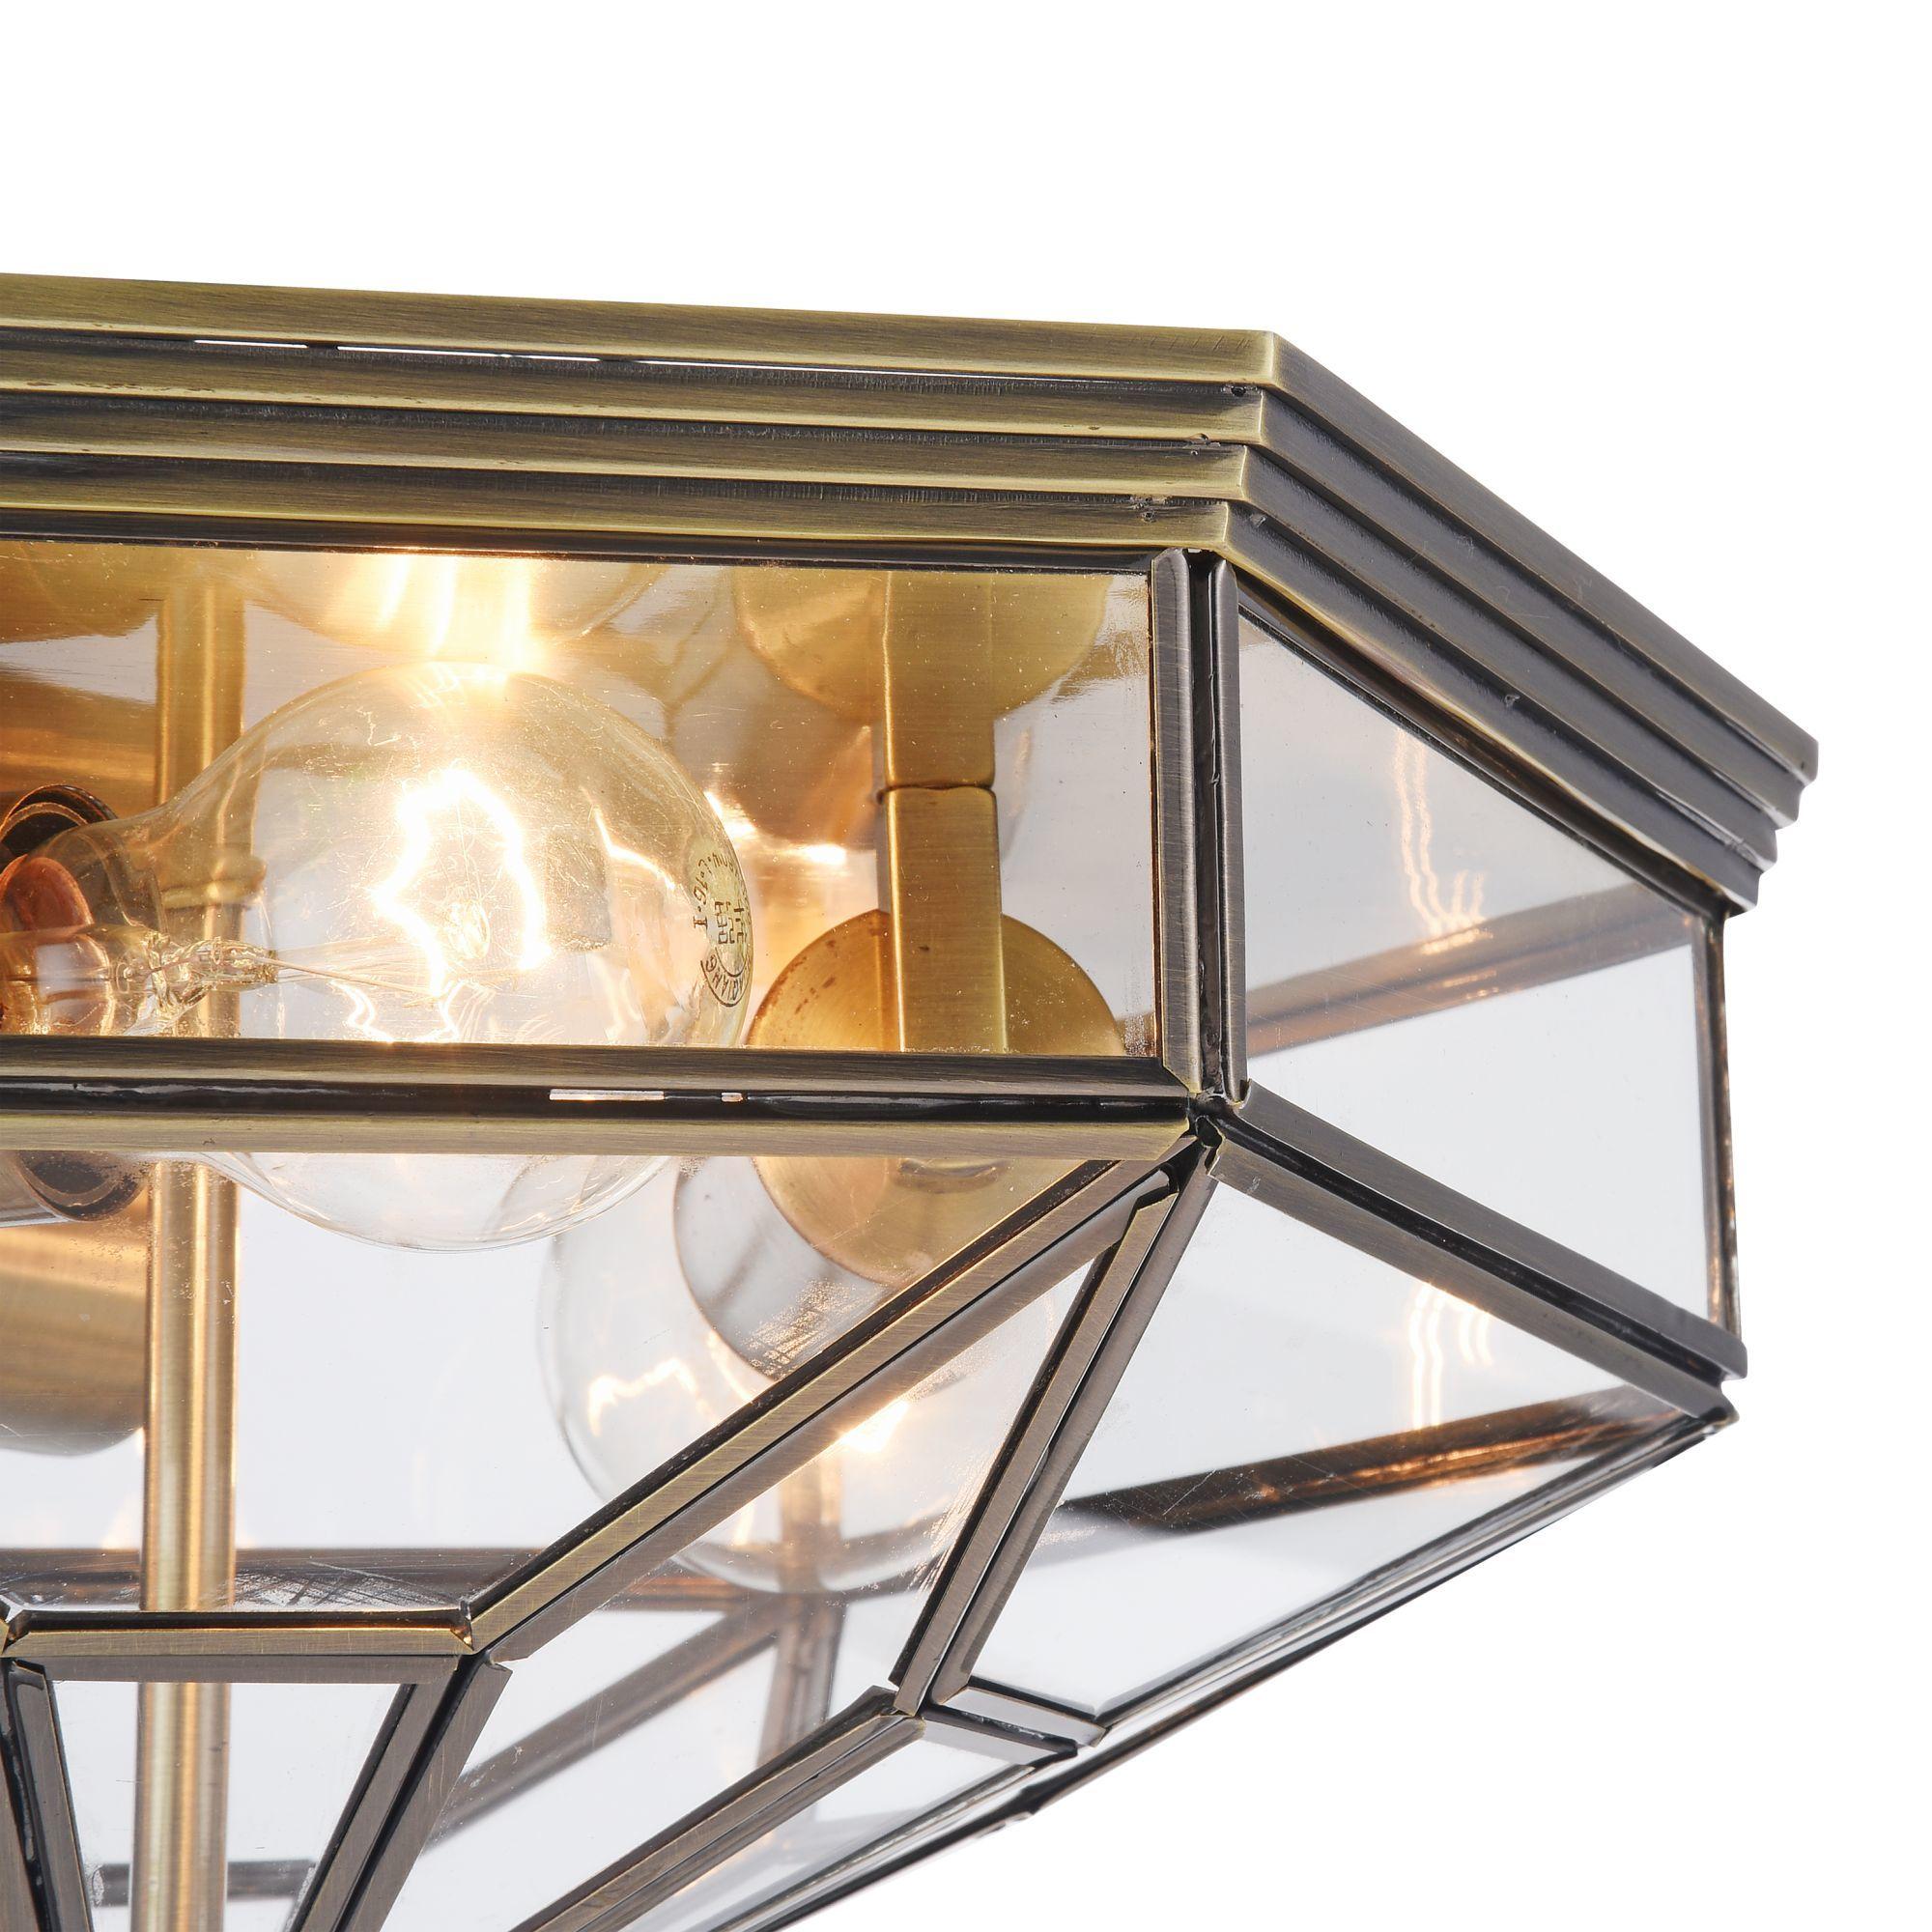 Потолочный светильник Maytoni Classic House Zeil H356-CL-03-BZ, 3xE27x60W, бронза, прозрачный, металл, стекло - фото 5